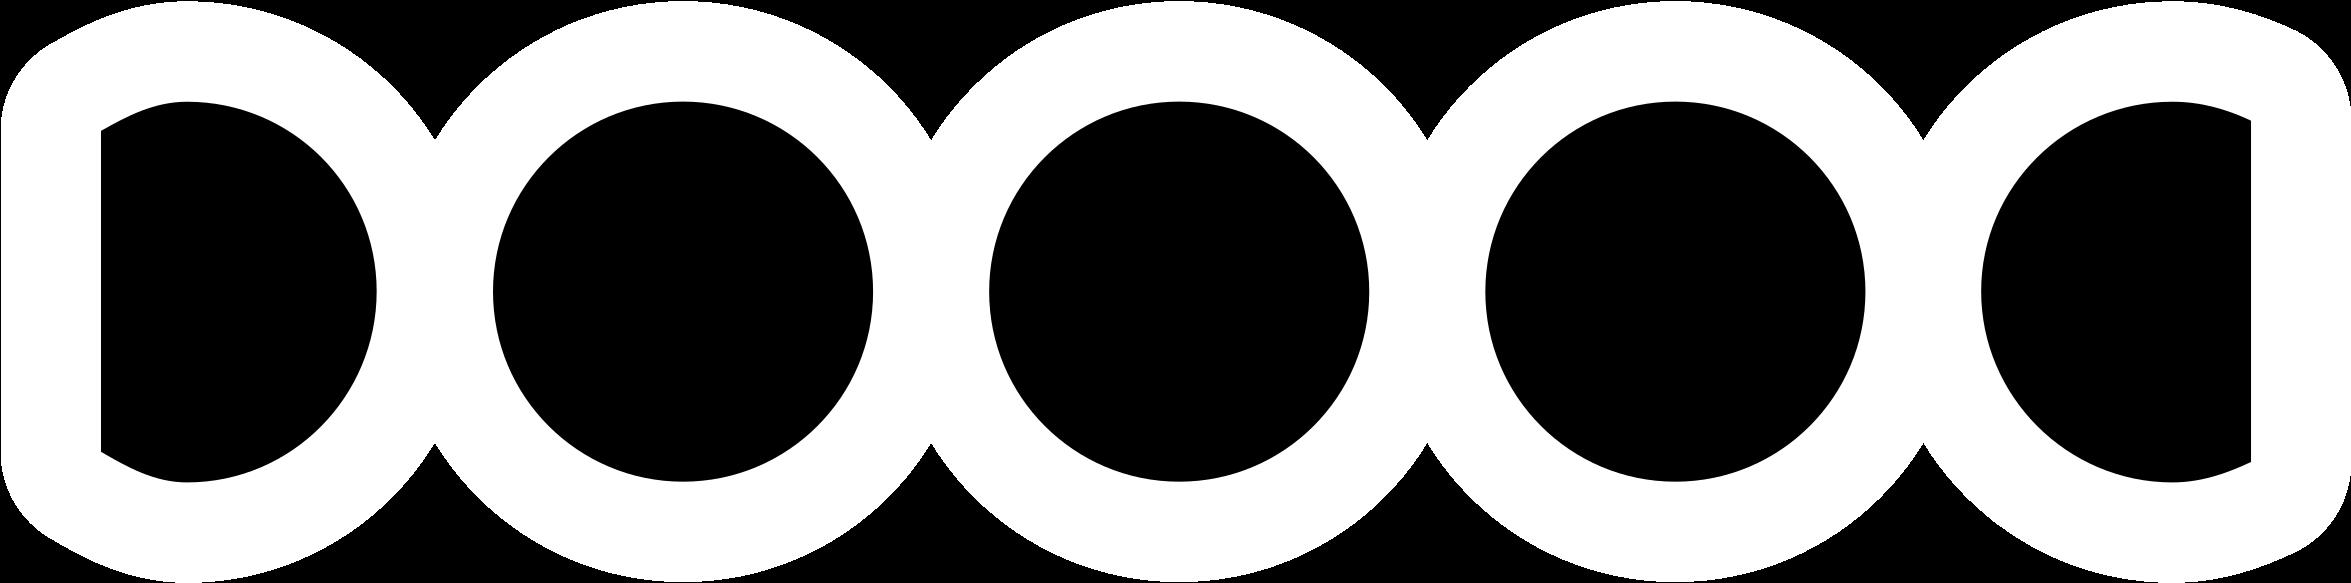 Dot clipart row dot. Dots circle transparent cartoon